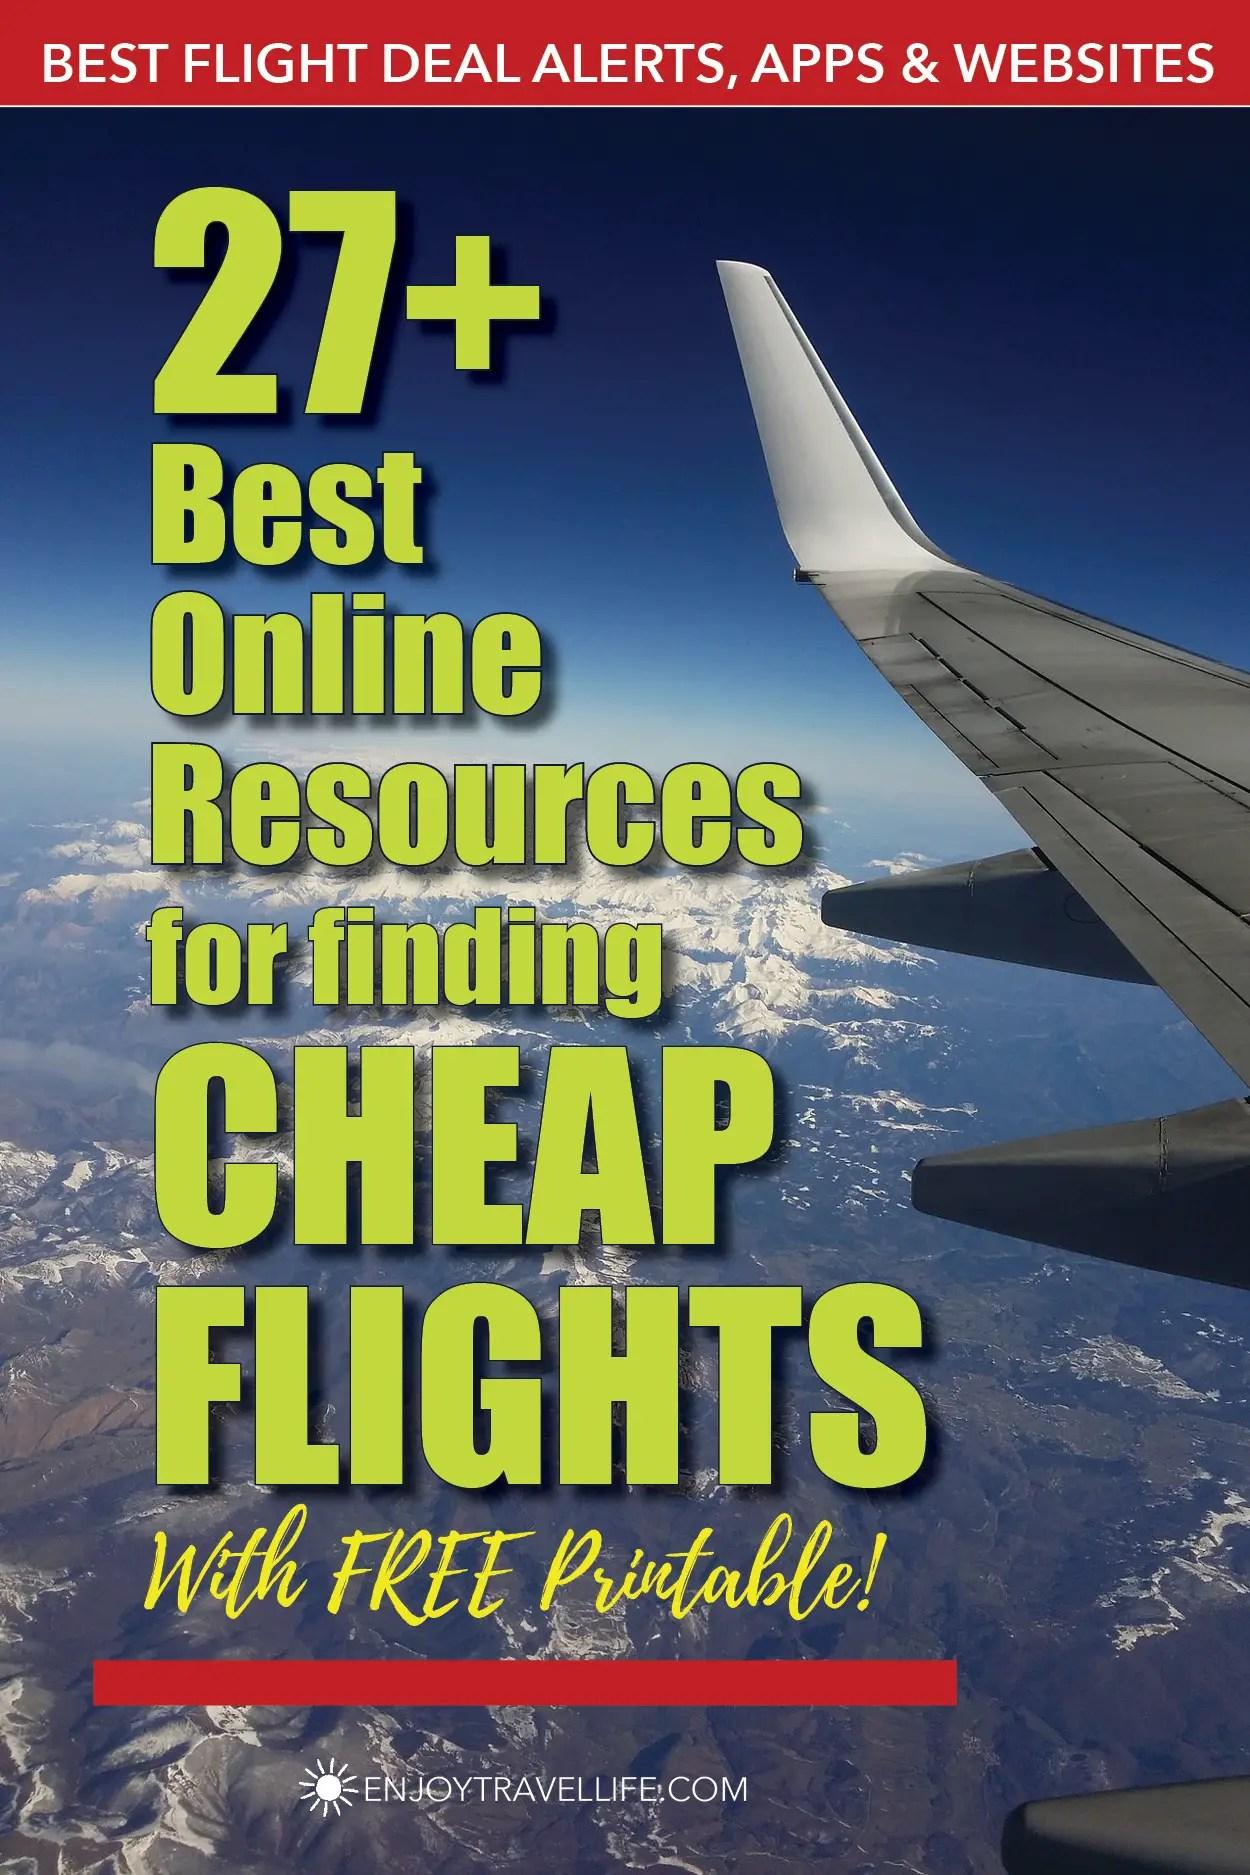 flight deals - cover